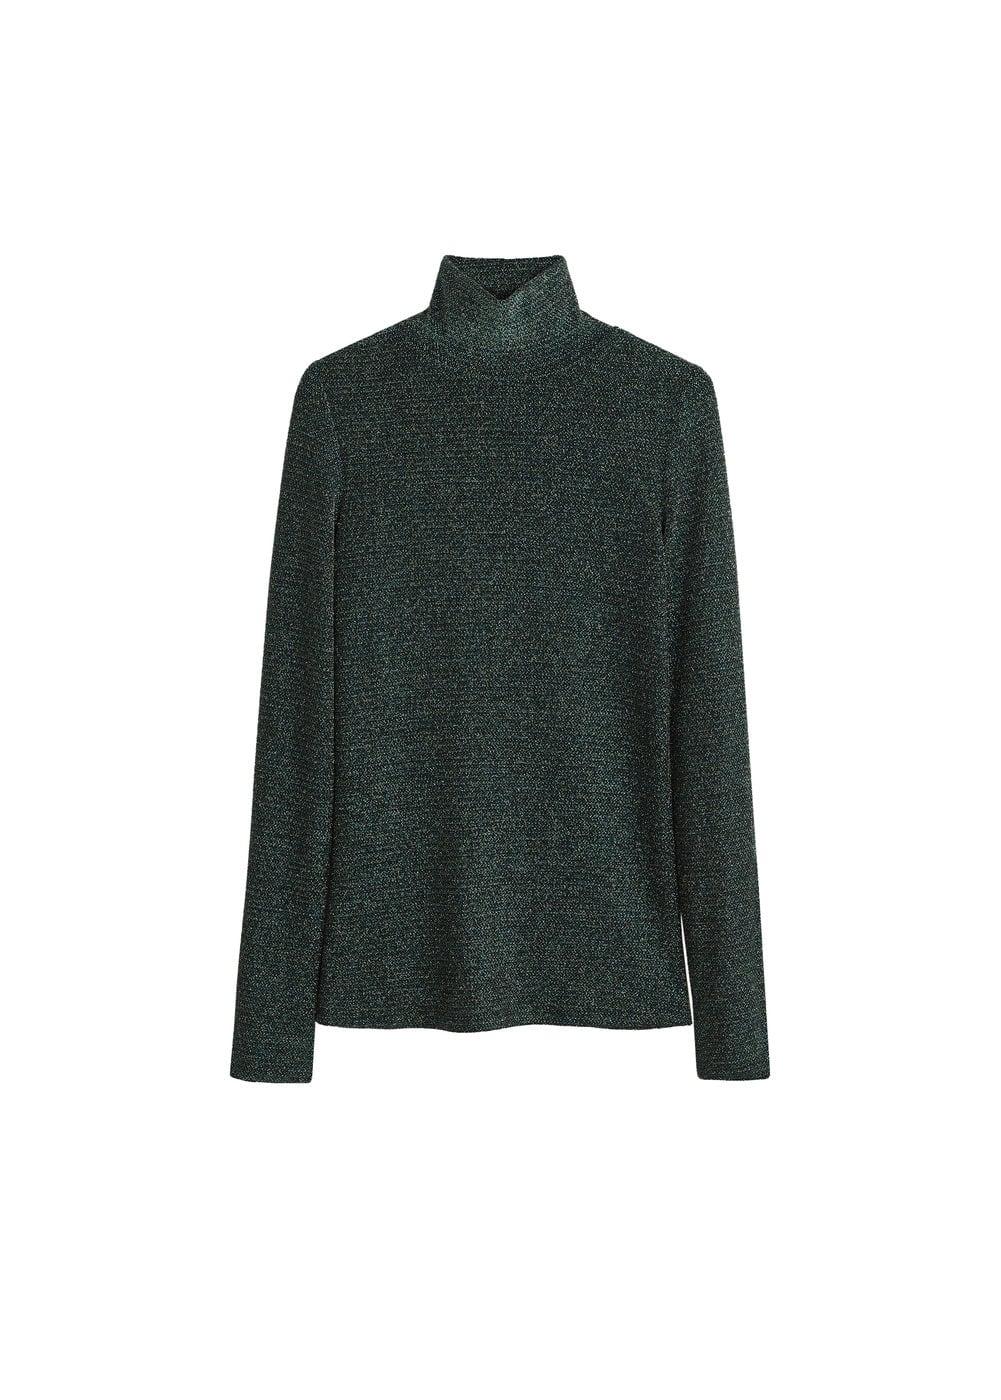 m-briyicam:camiseta metalizada